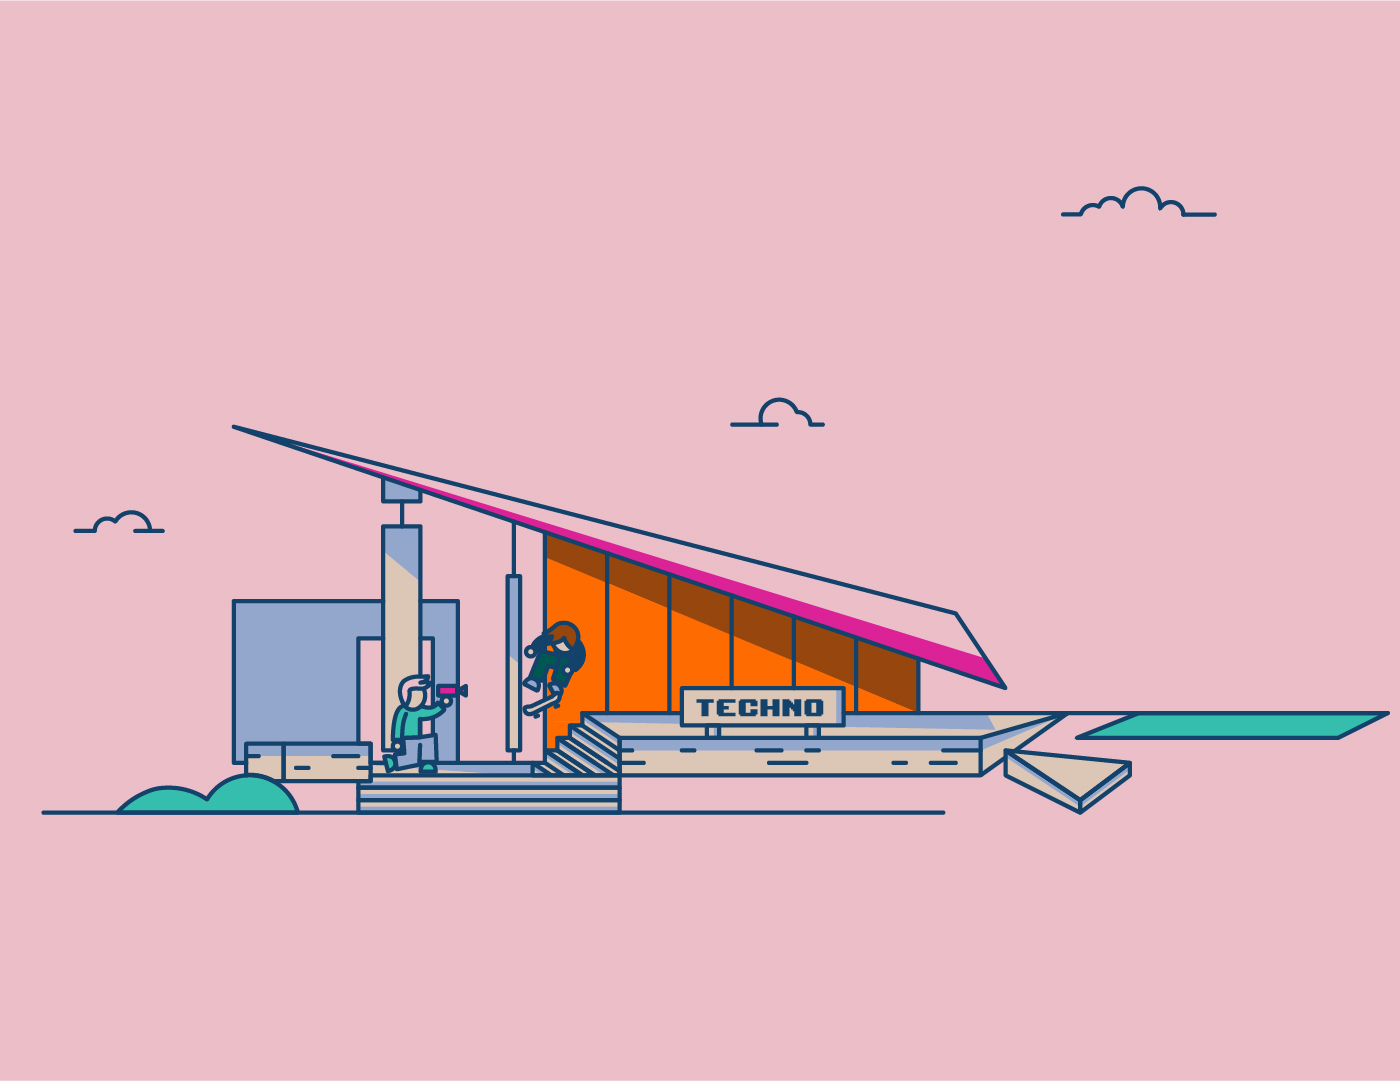 Illustration du Technoforum à La Rochelle dans un traitement graphique et synthétique.